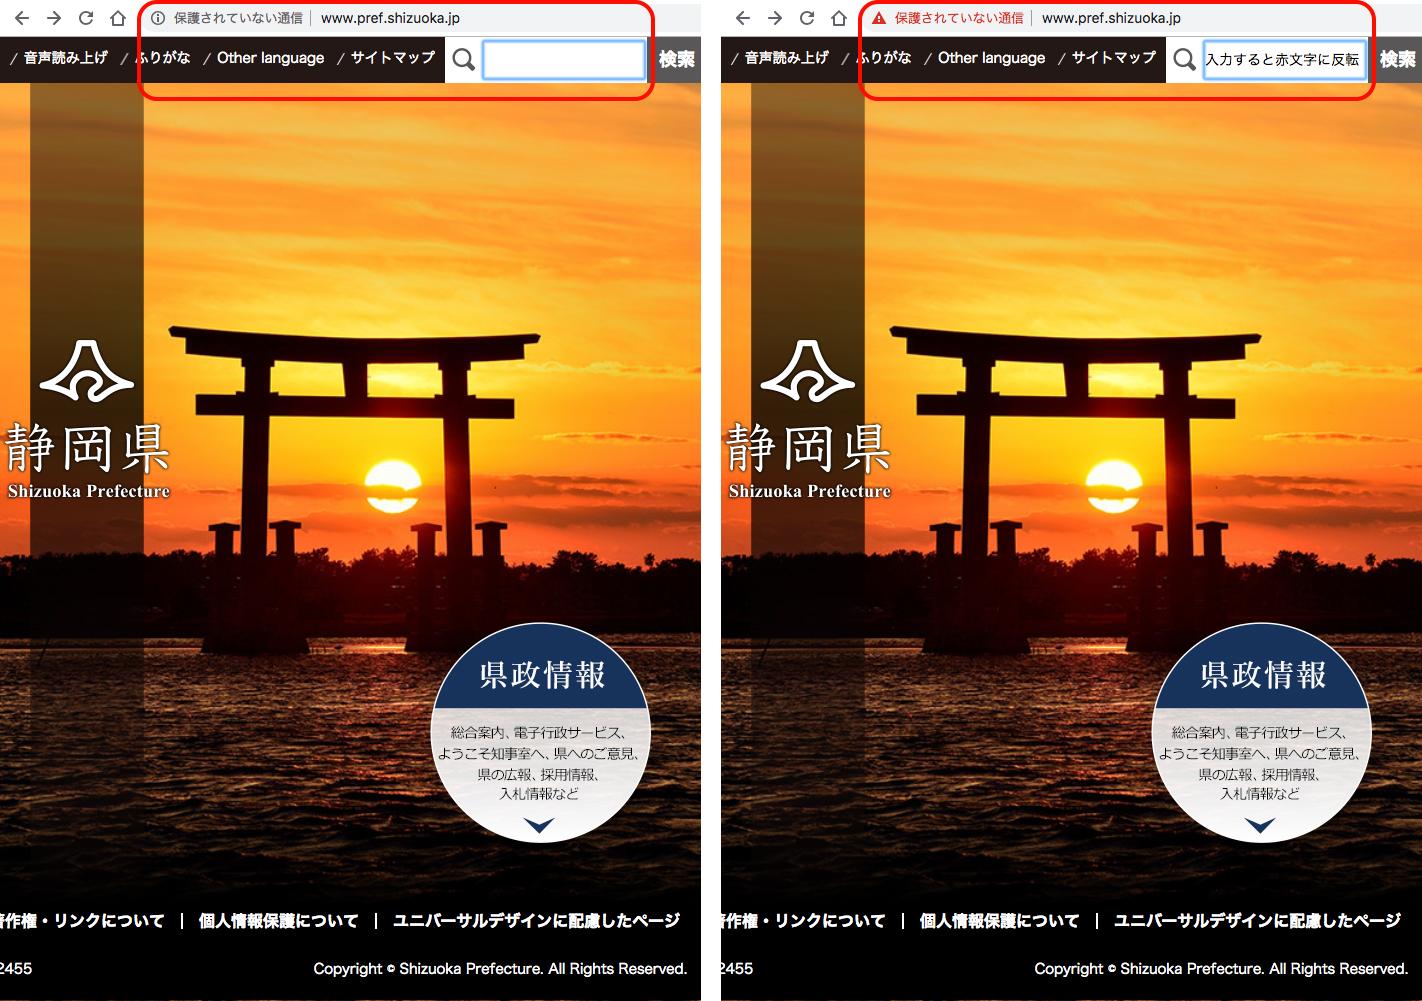 Google Chrome70からHTTPS未対応ページでフォームに入力すると「保護されていない通信」の表示が赤色に反転